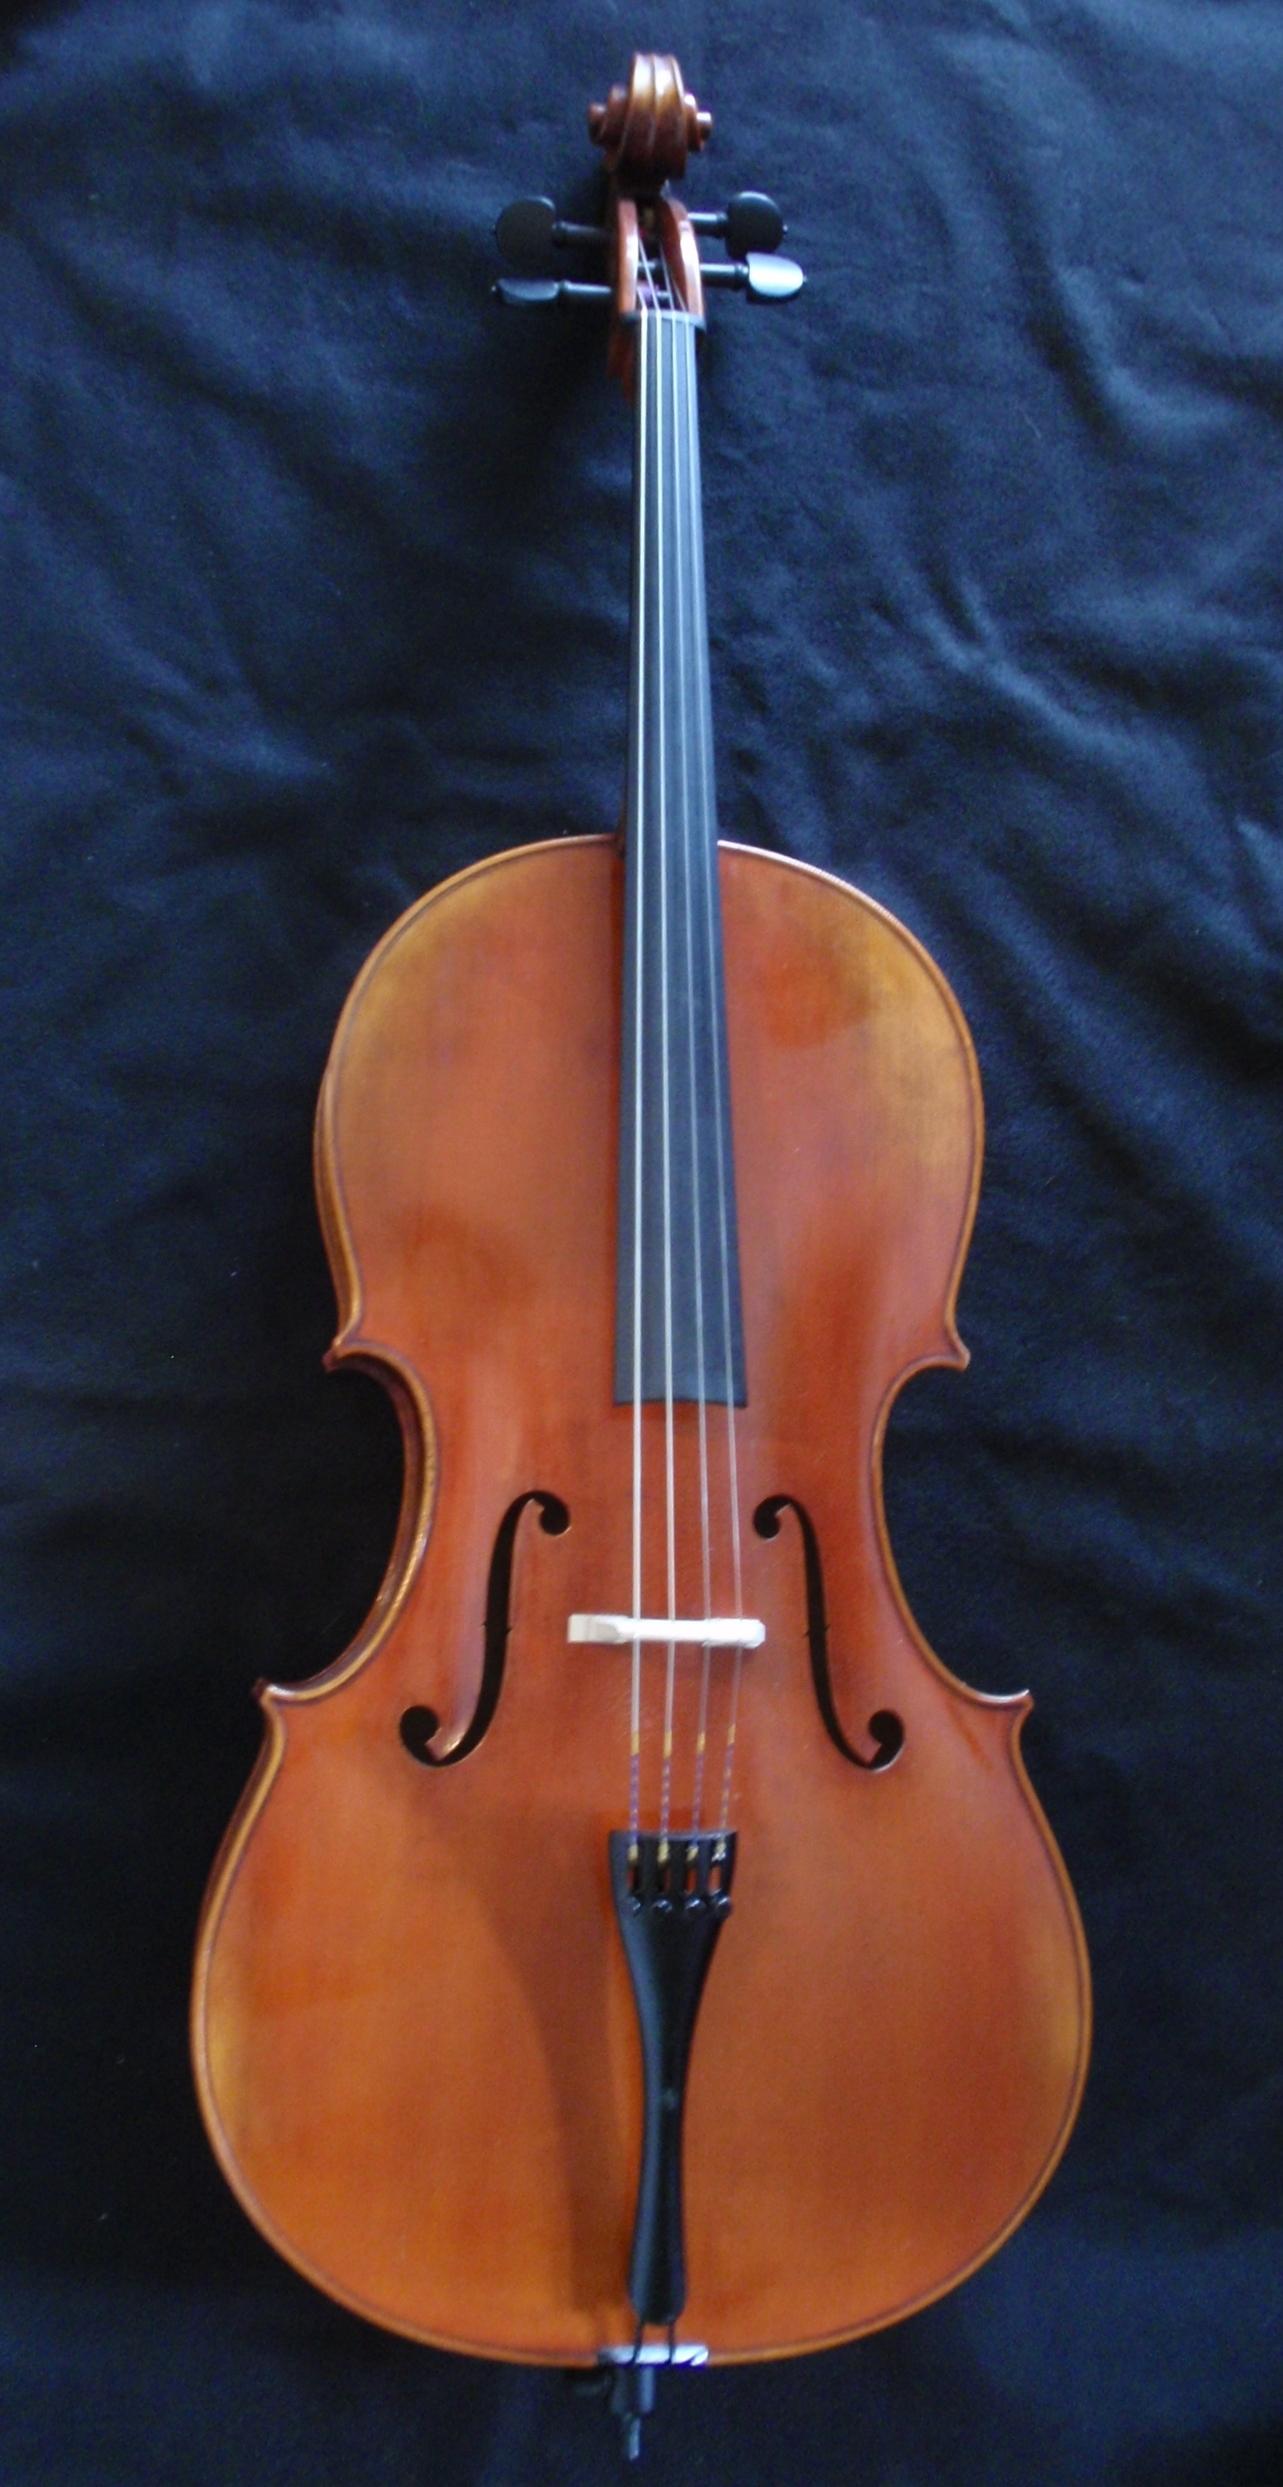 Scott Cao Cello STC750 STC750